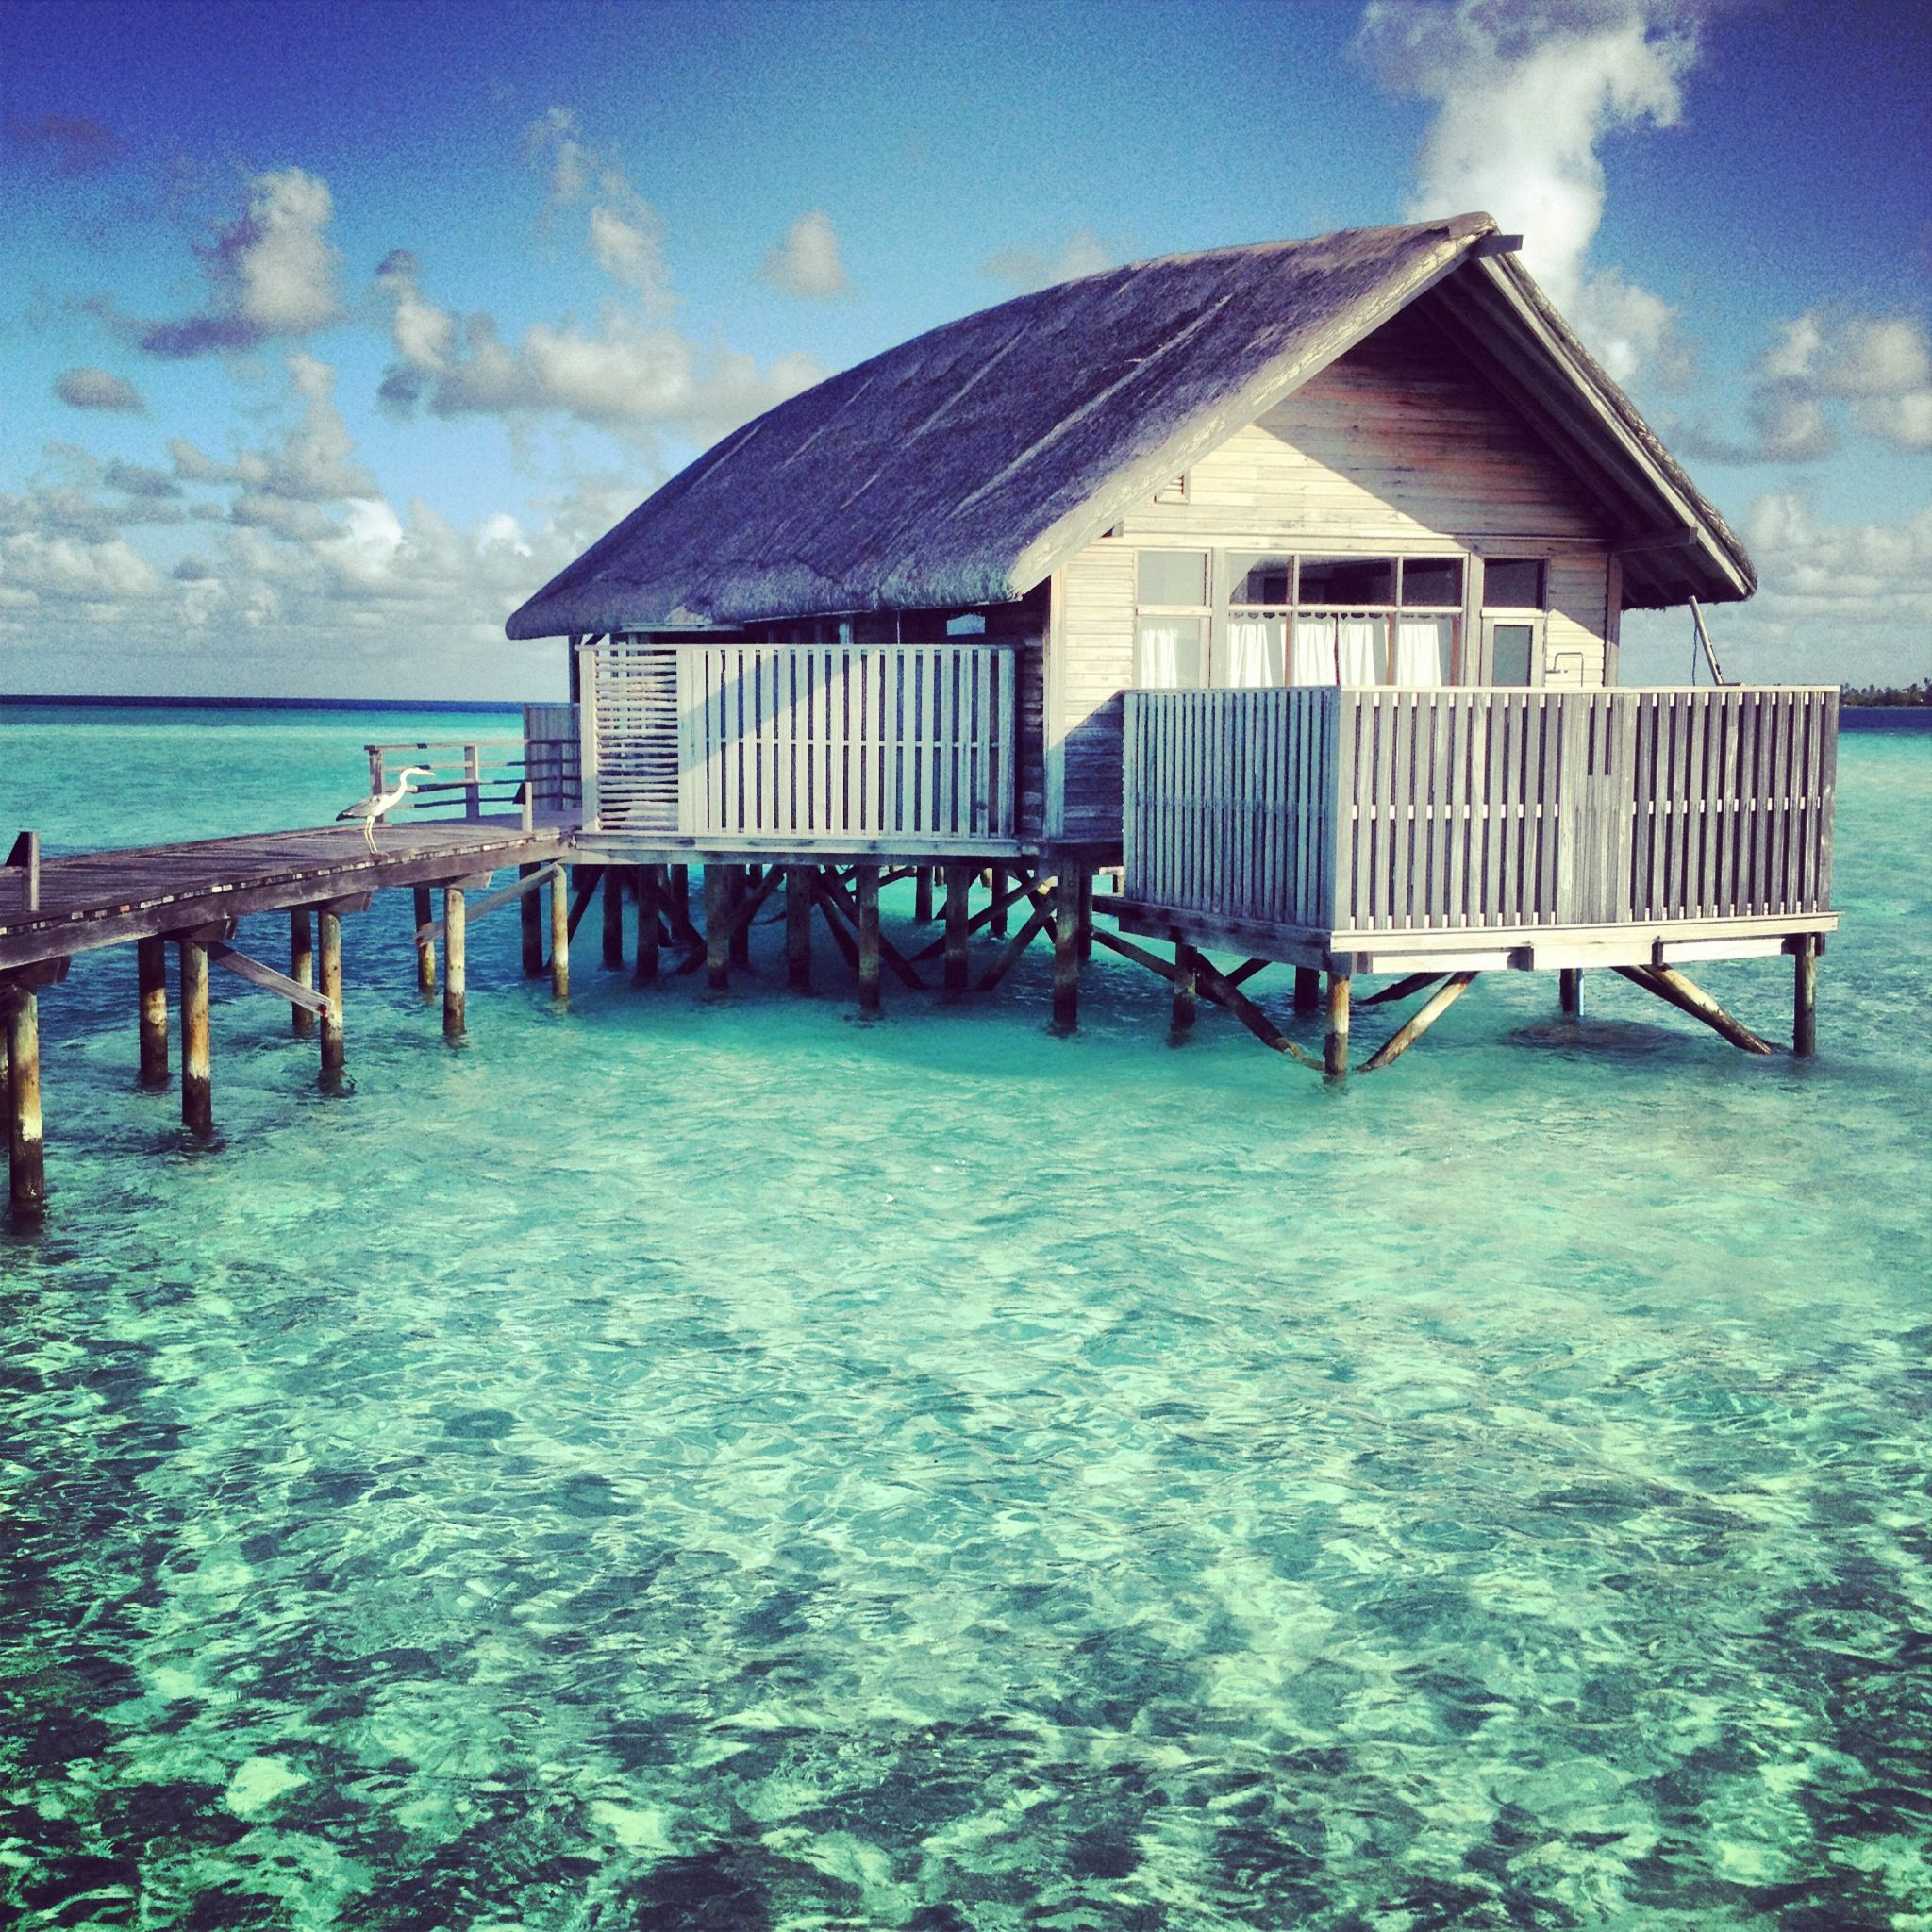 Home. Villa #3001. Cocoa Island, Maldives.